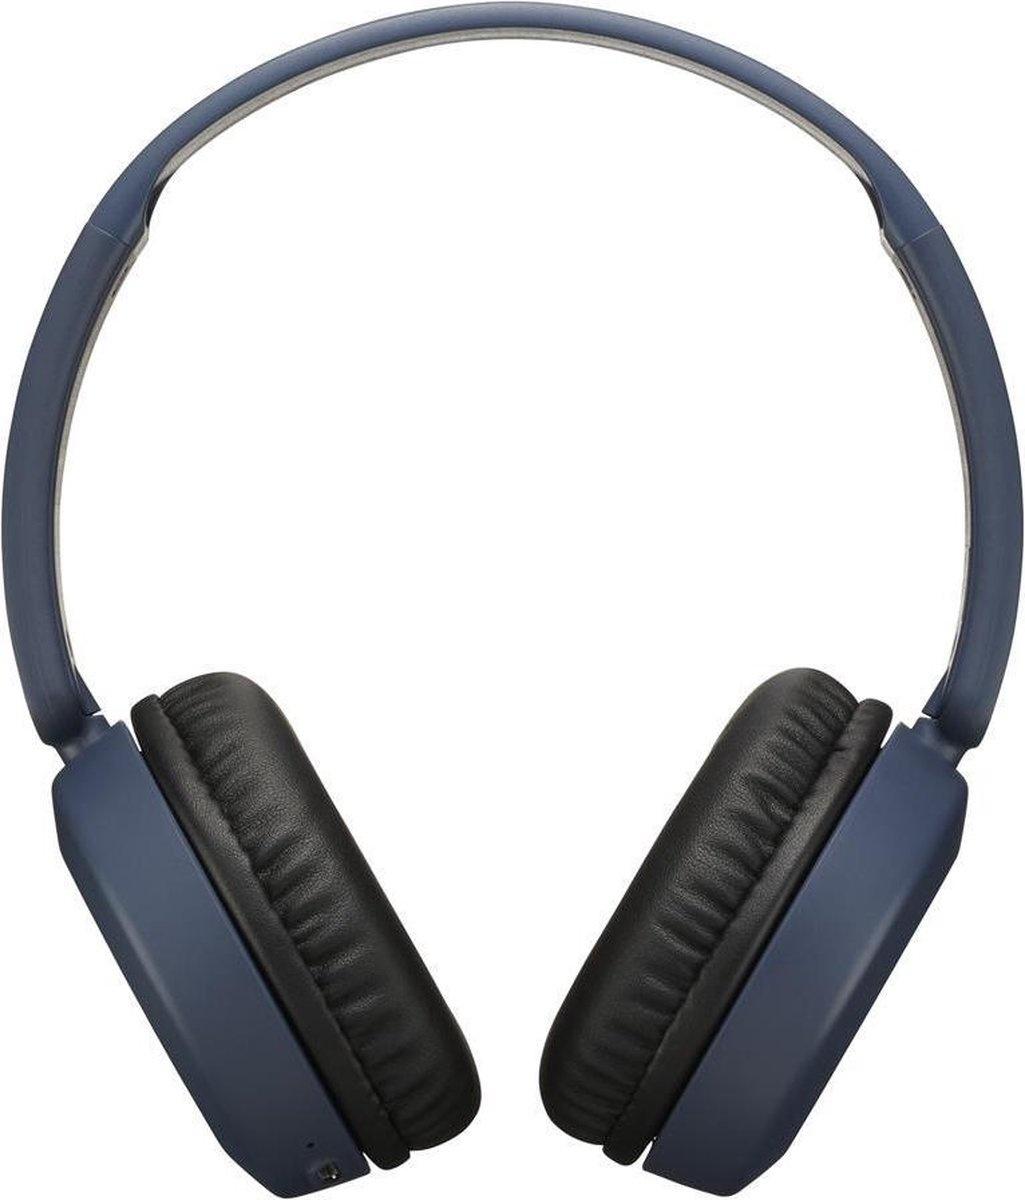 JVC HA-S31BT-BU On-ear draadloze hoofdtelefoon (Blauw)